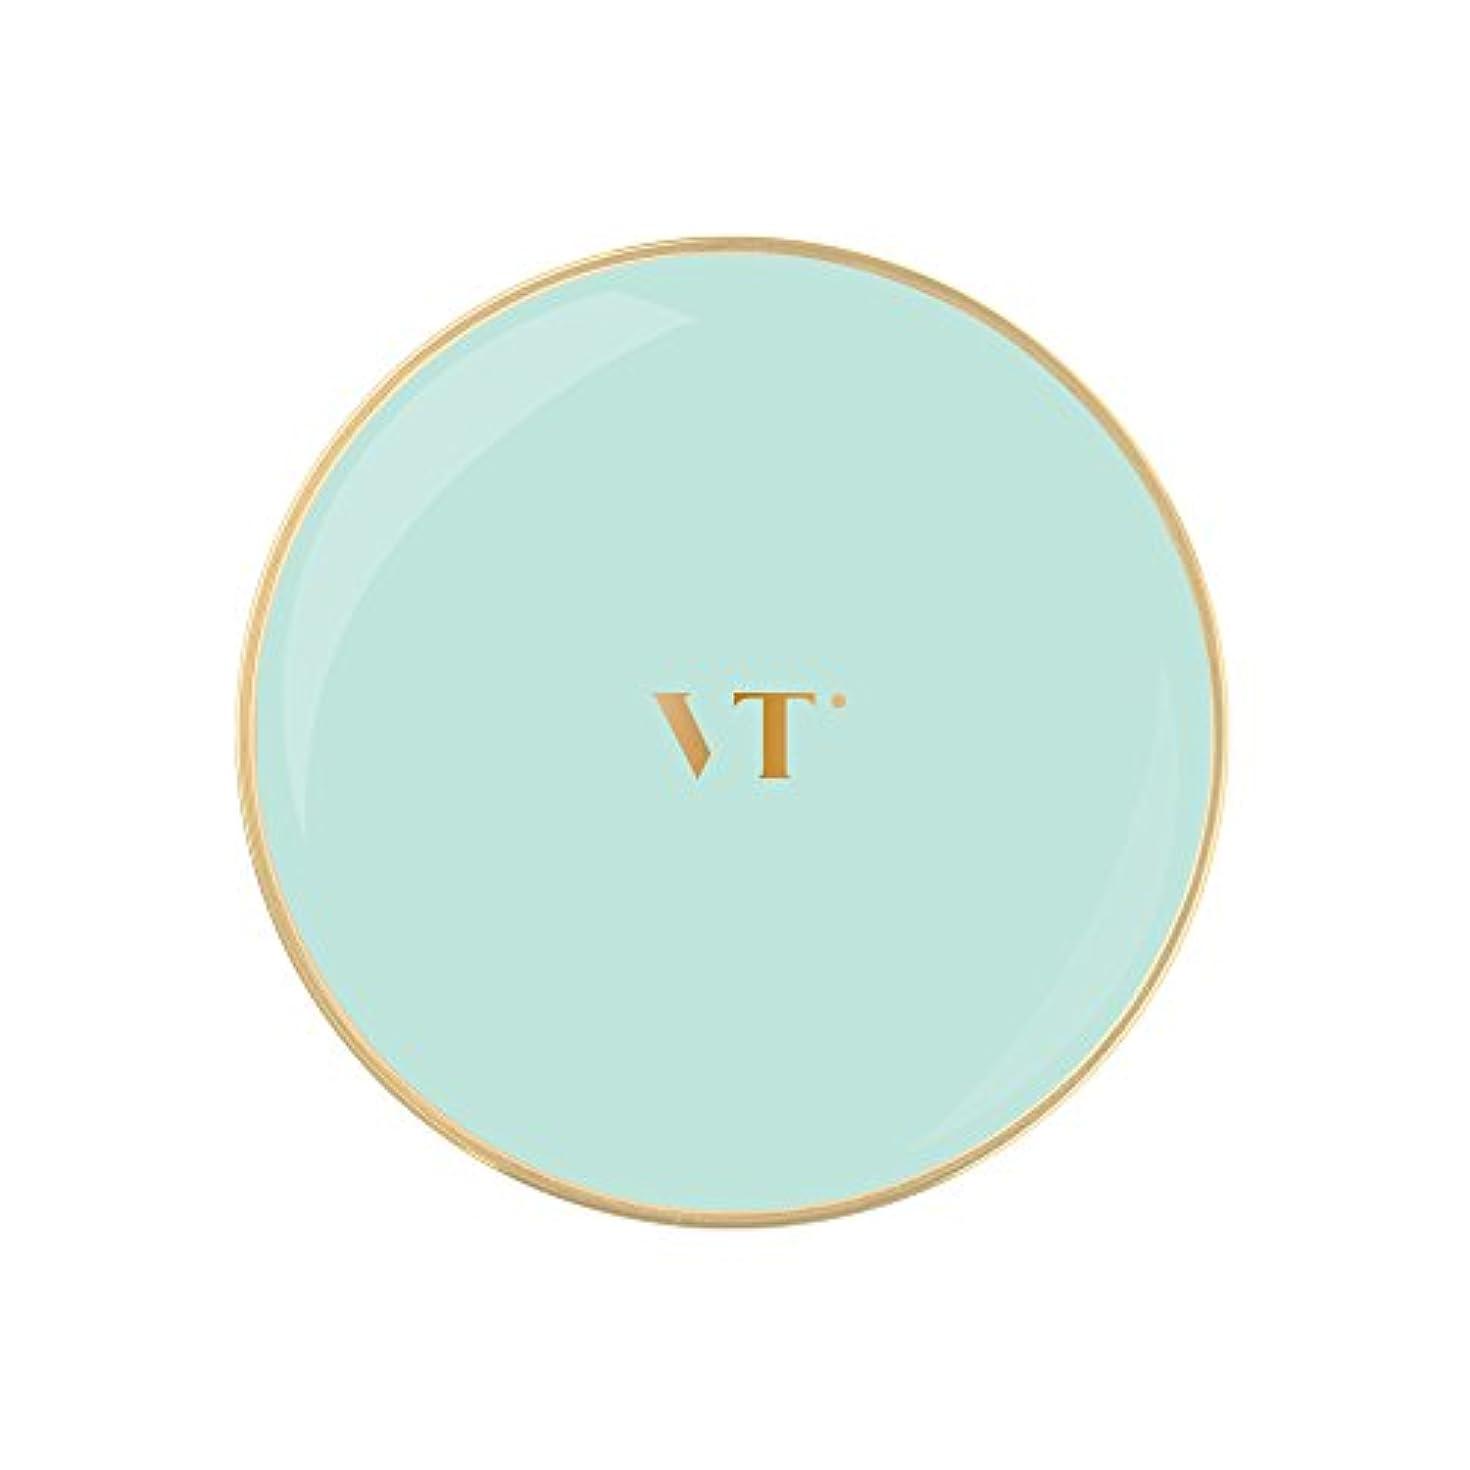 限りなくくしゃくしゃ胚VT Blue Collagen Pact 11g/ブイティー ブルー コラーゲン パクト 11g (#21) [並行輸入品]